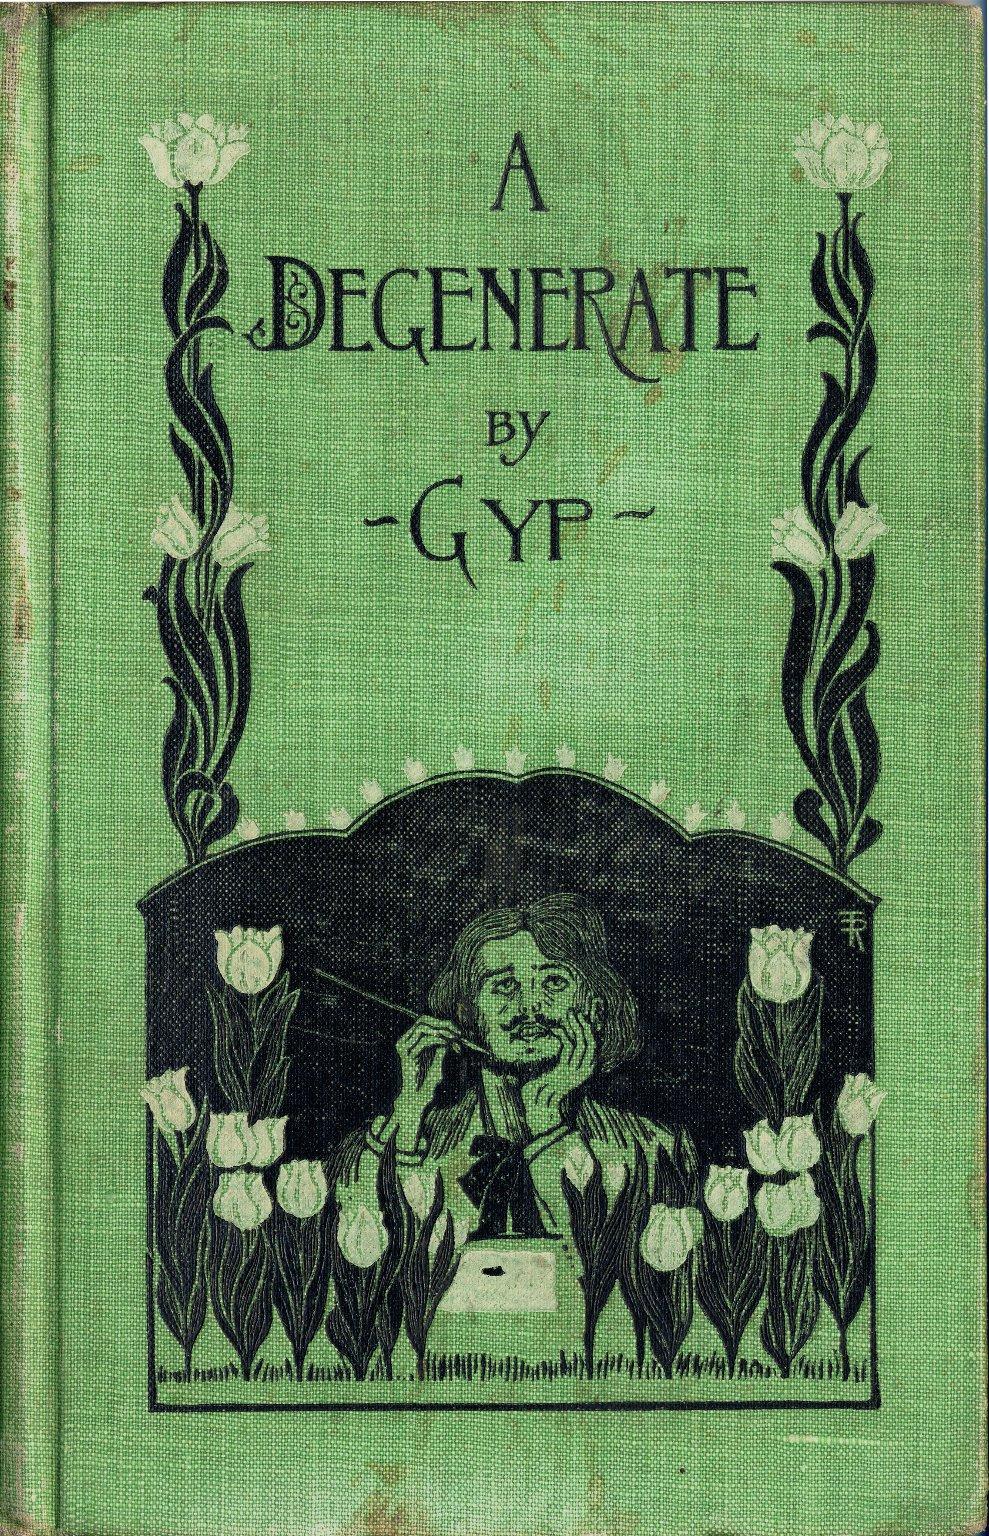 A degenerate